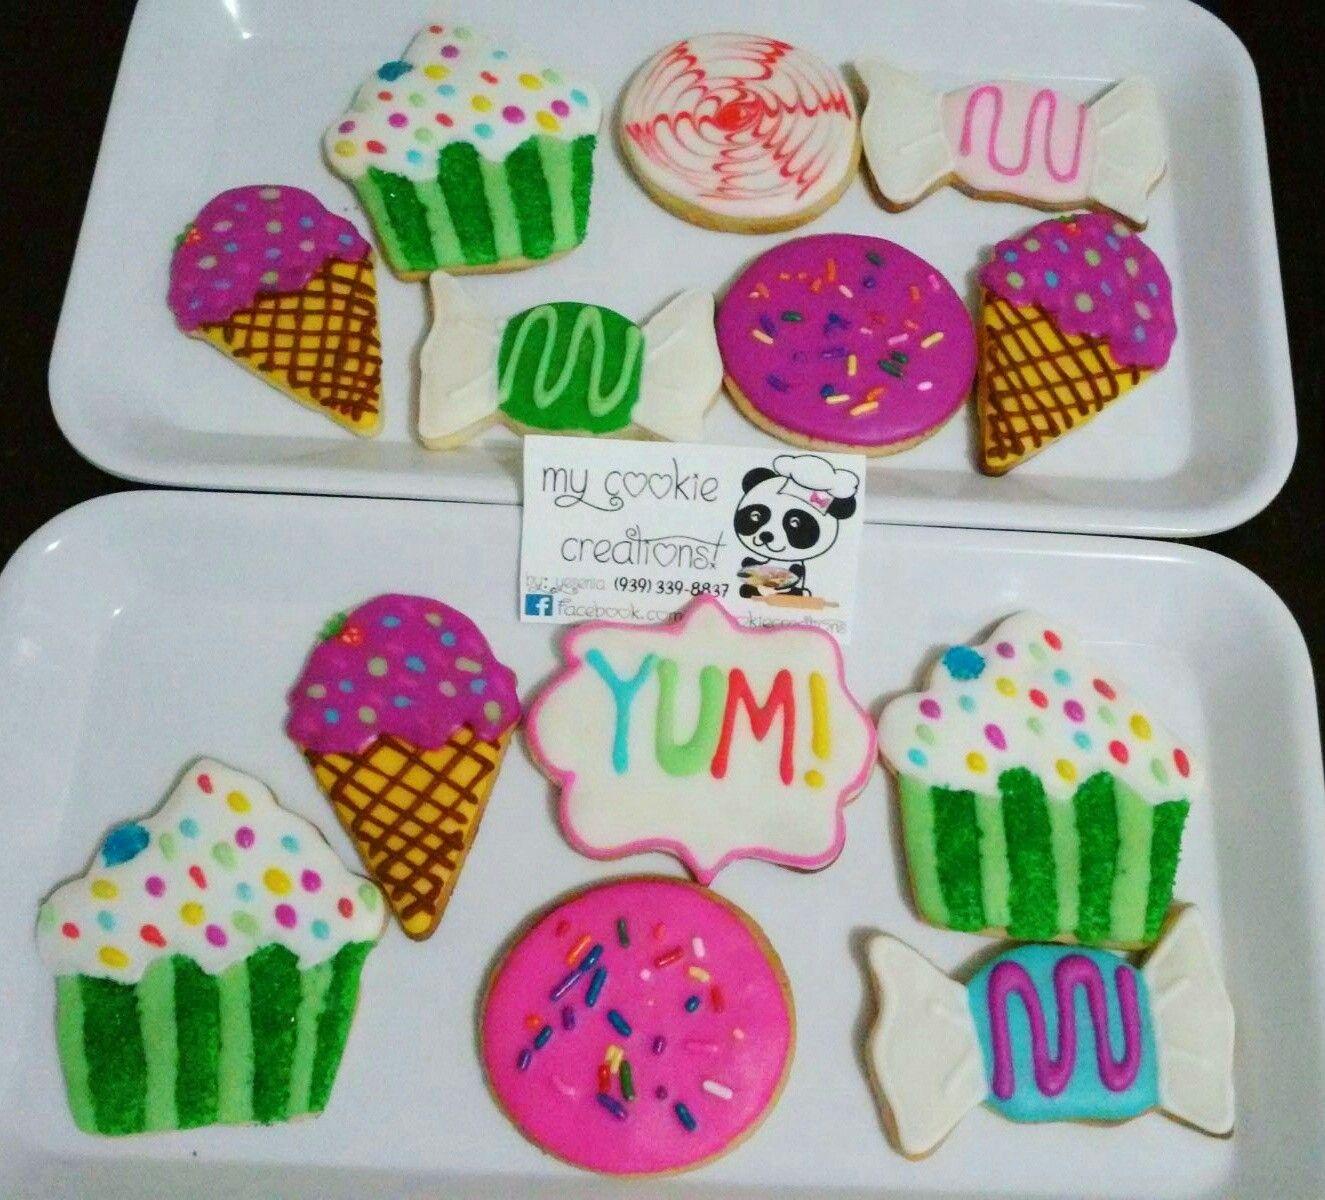 Postres!!! 😍❤😀🍪🎂🍬🍭🍦2 doz entregadas el domingo! #mycookiecreations #dessertscookies